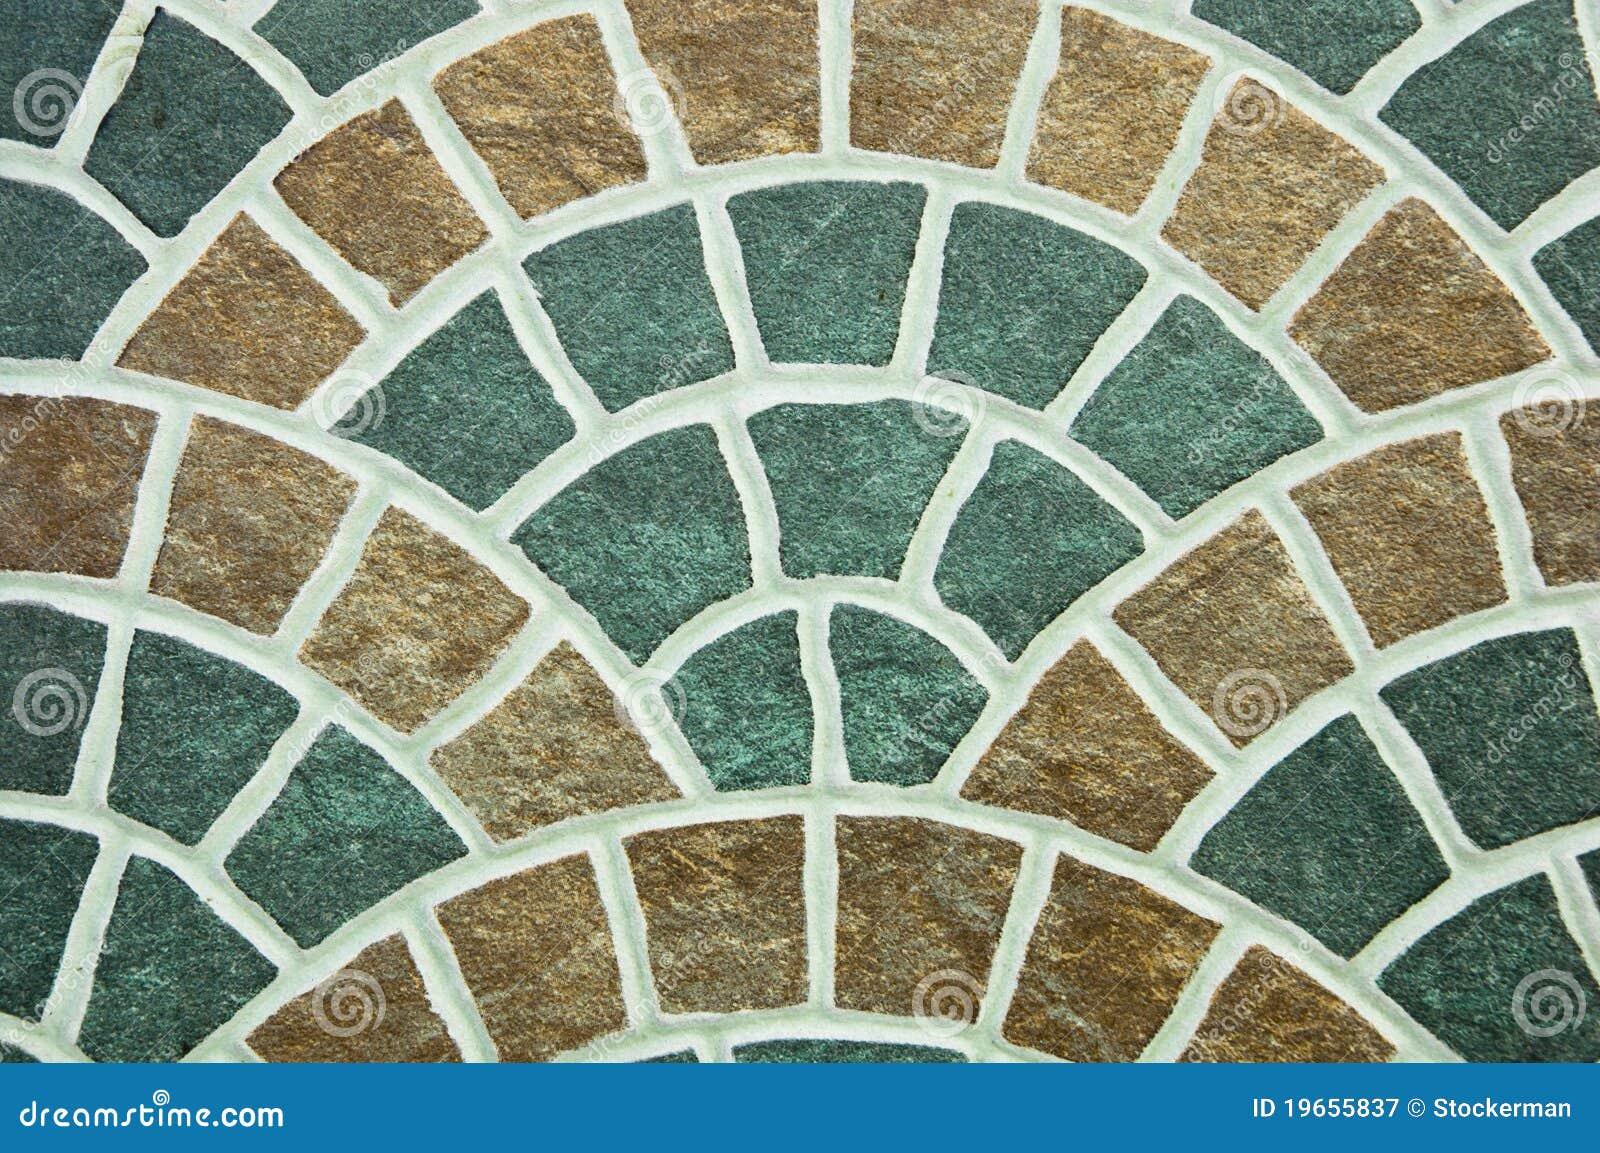 Curved floor tiles images tile flooring design ideas curved floor tiles gallery tile flooring design ideas curved floor tiles images tile flooring design ideas dailygadgetfo Choice Image